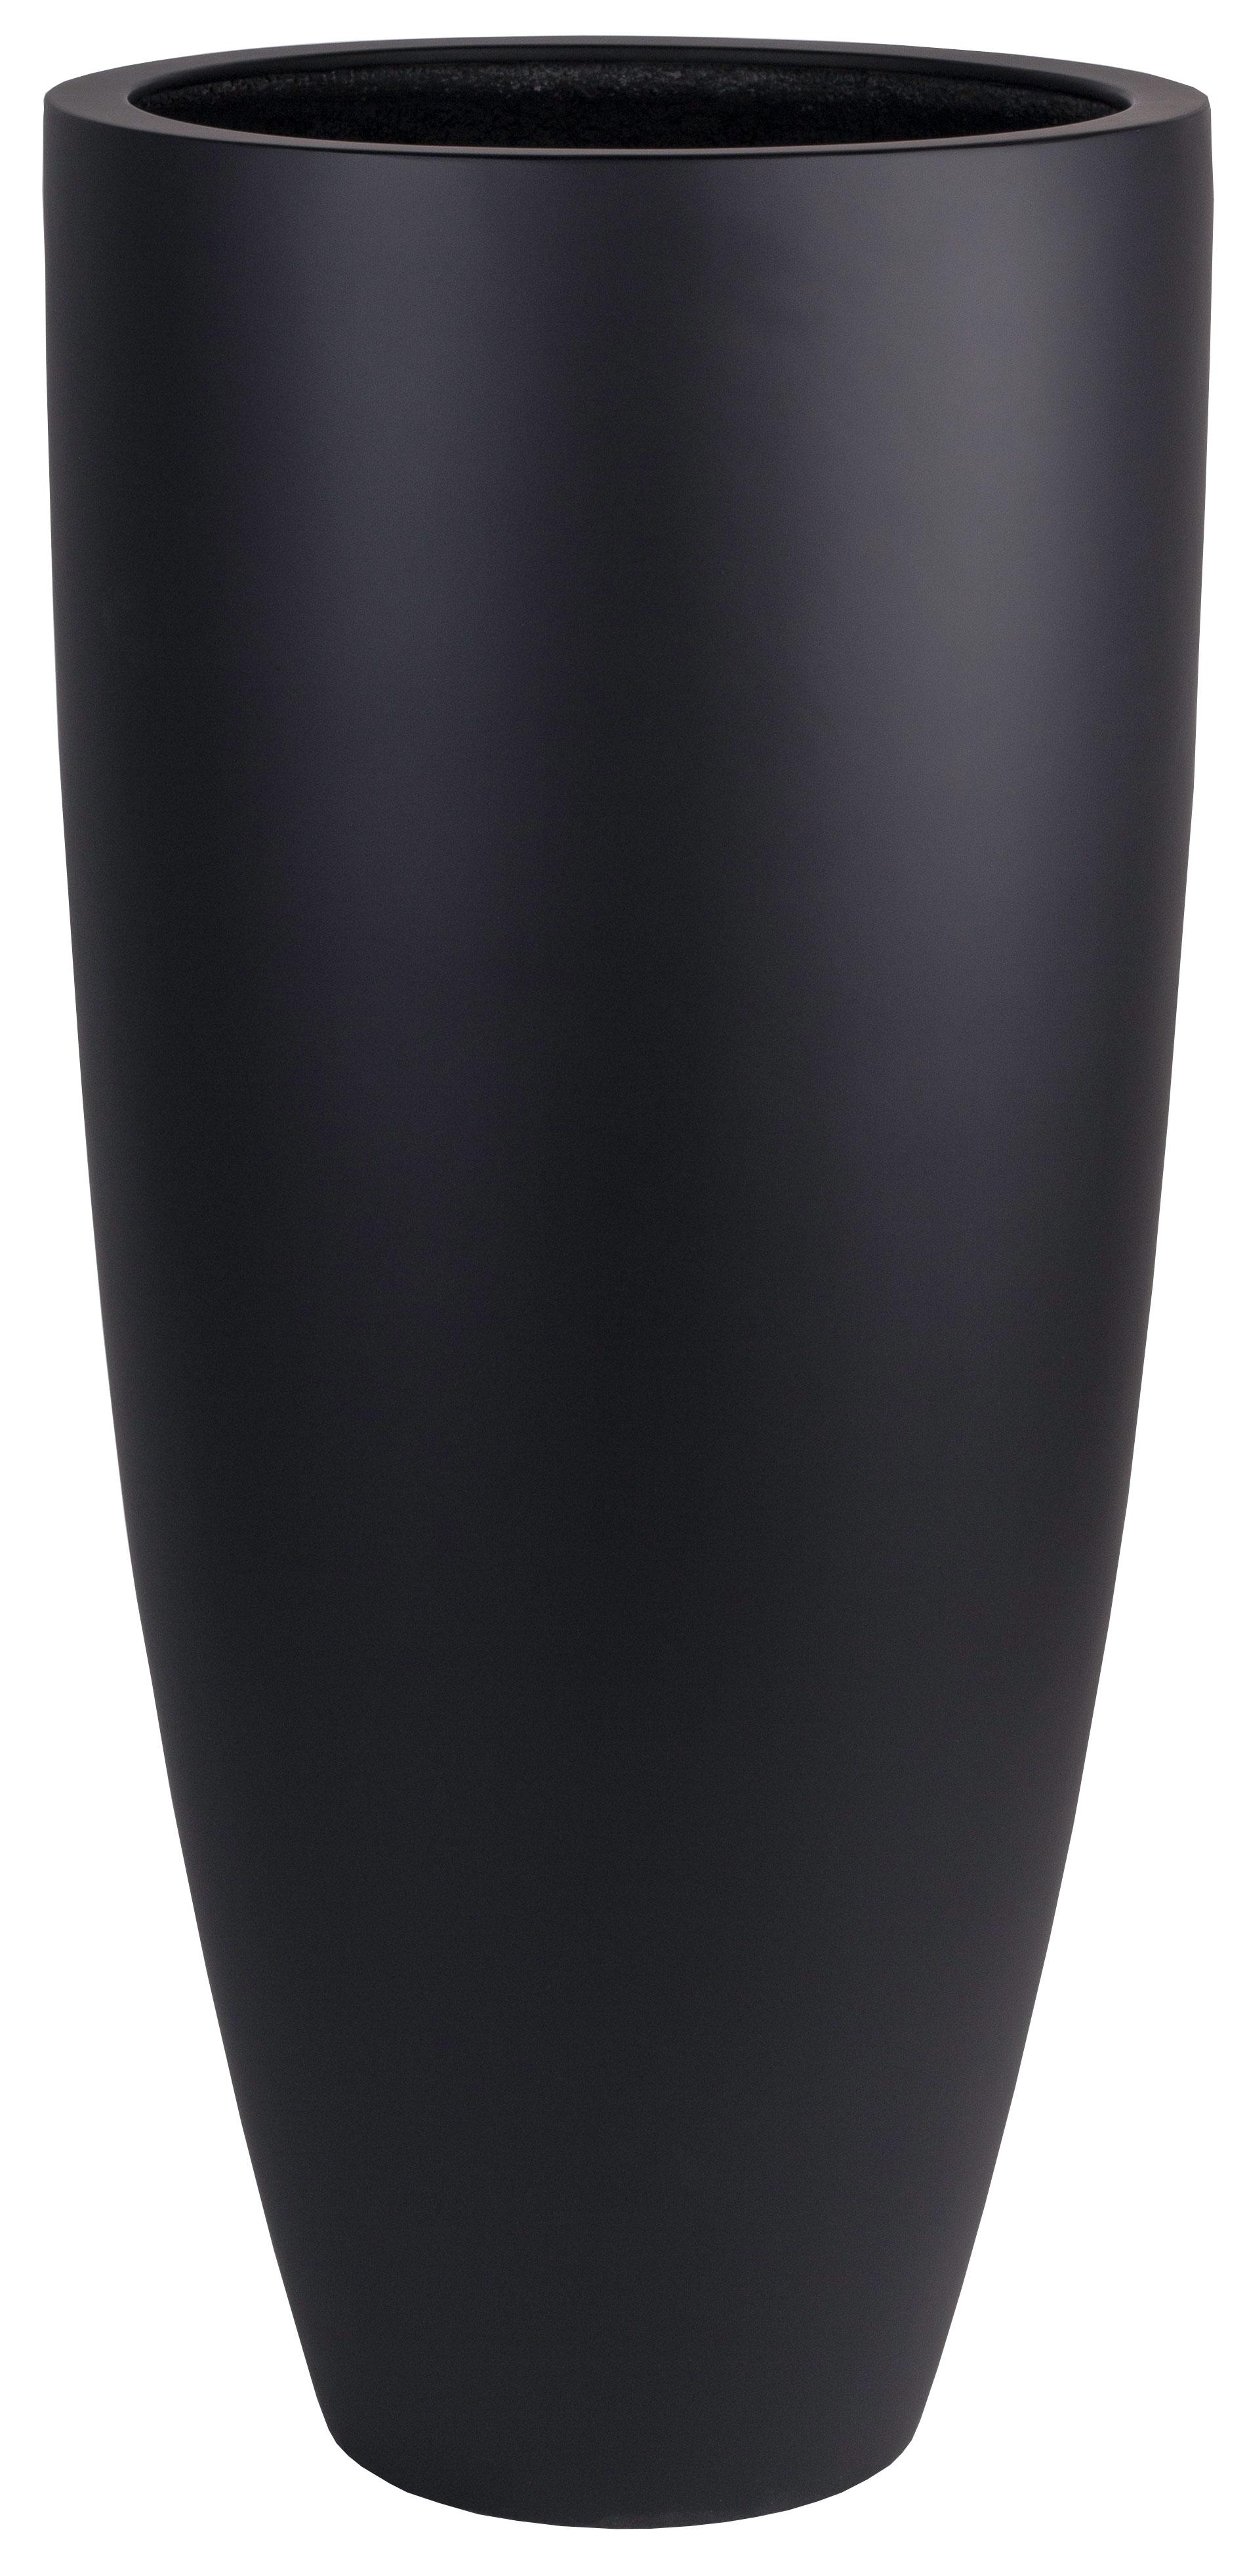 Vase The World: Kentucky